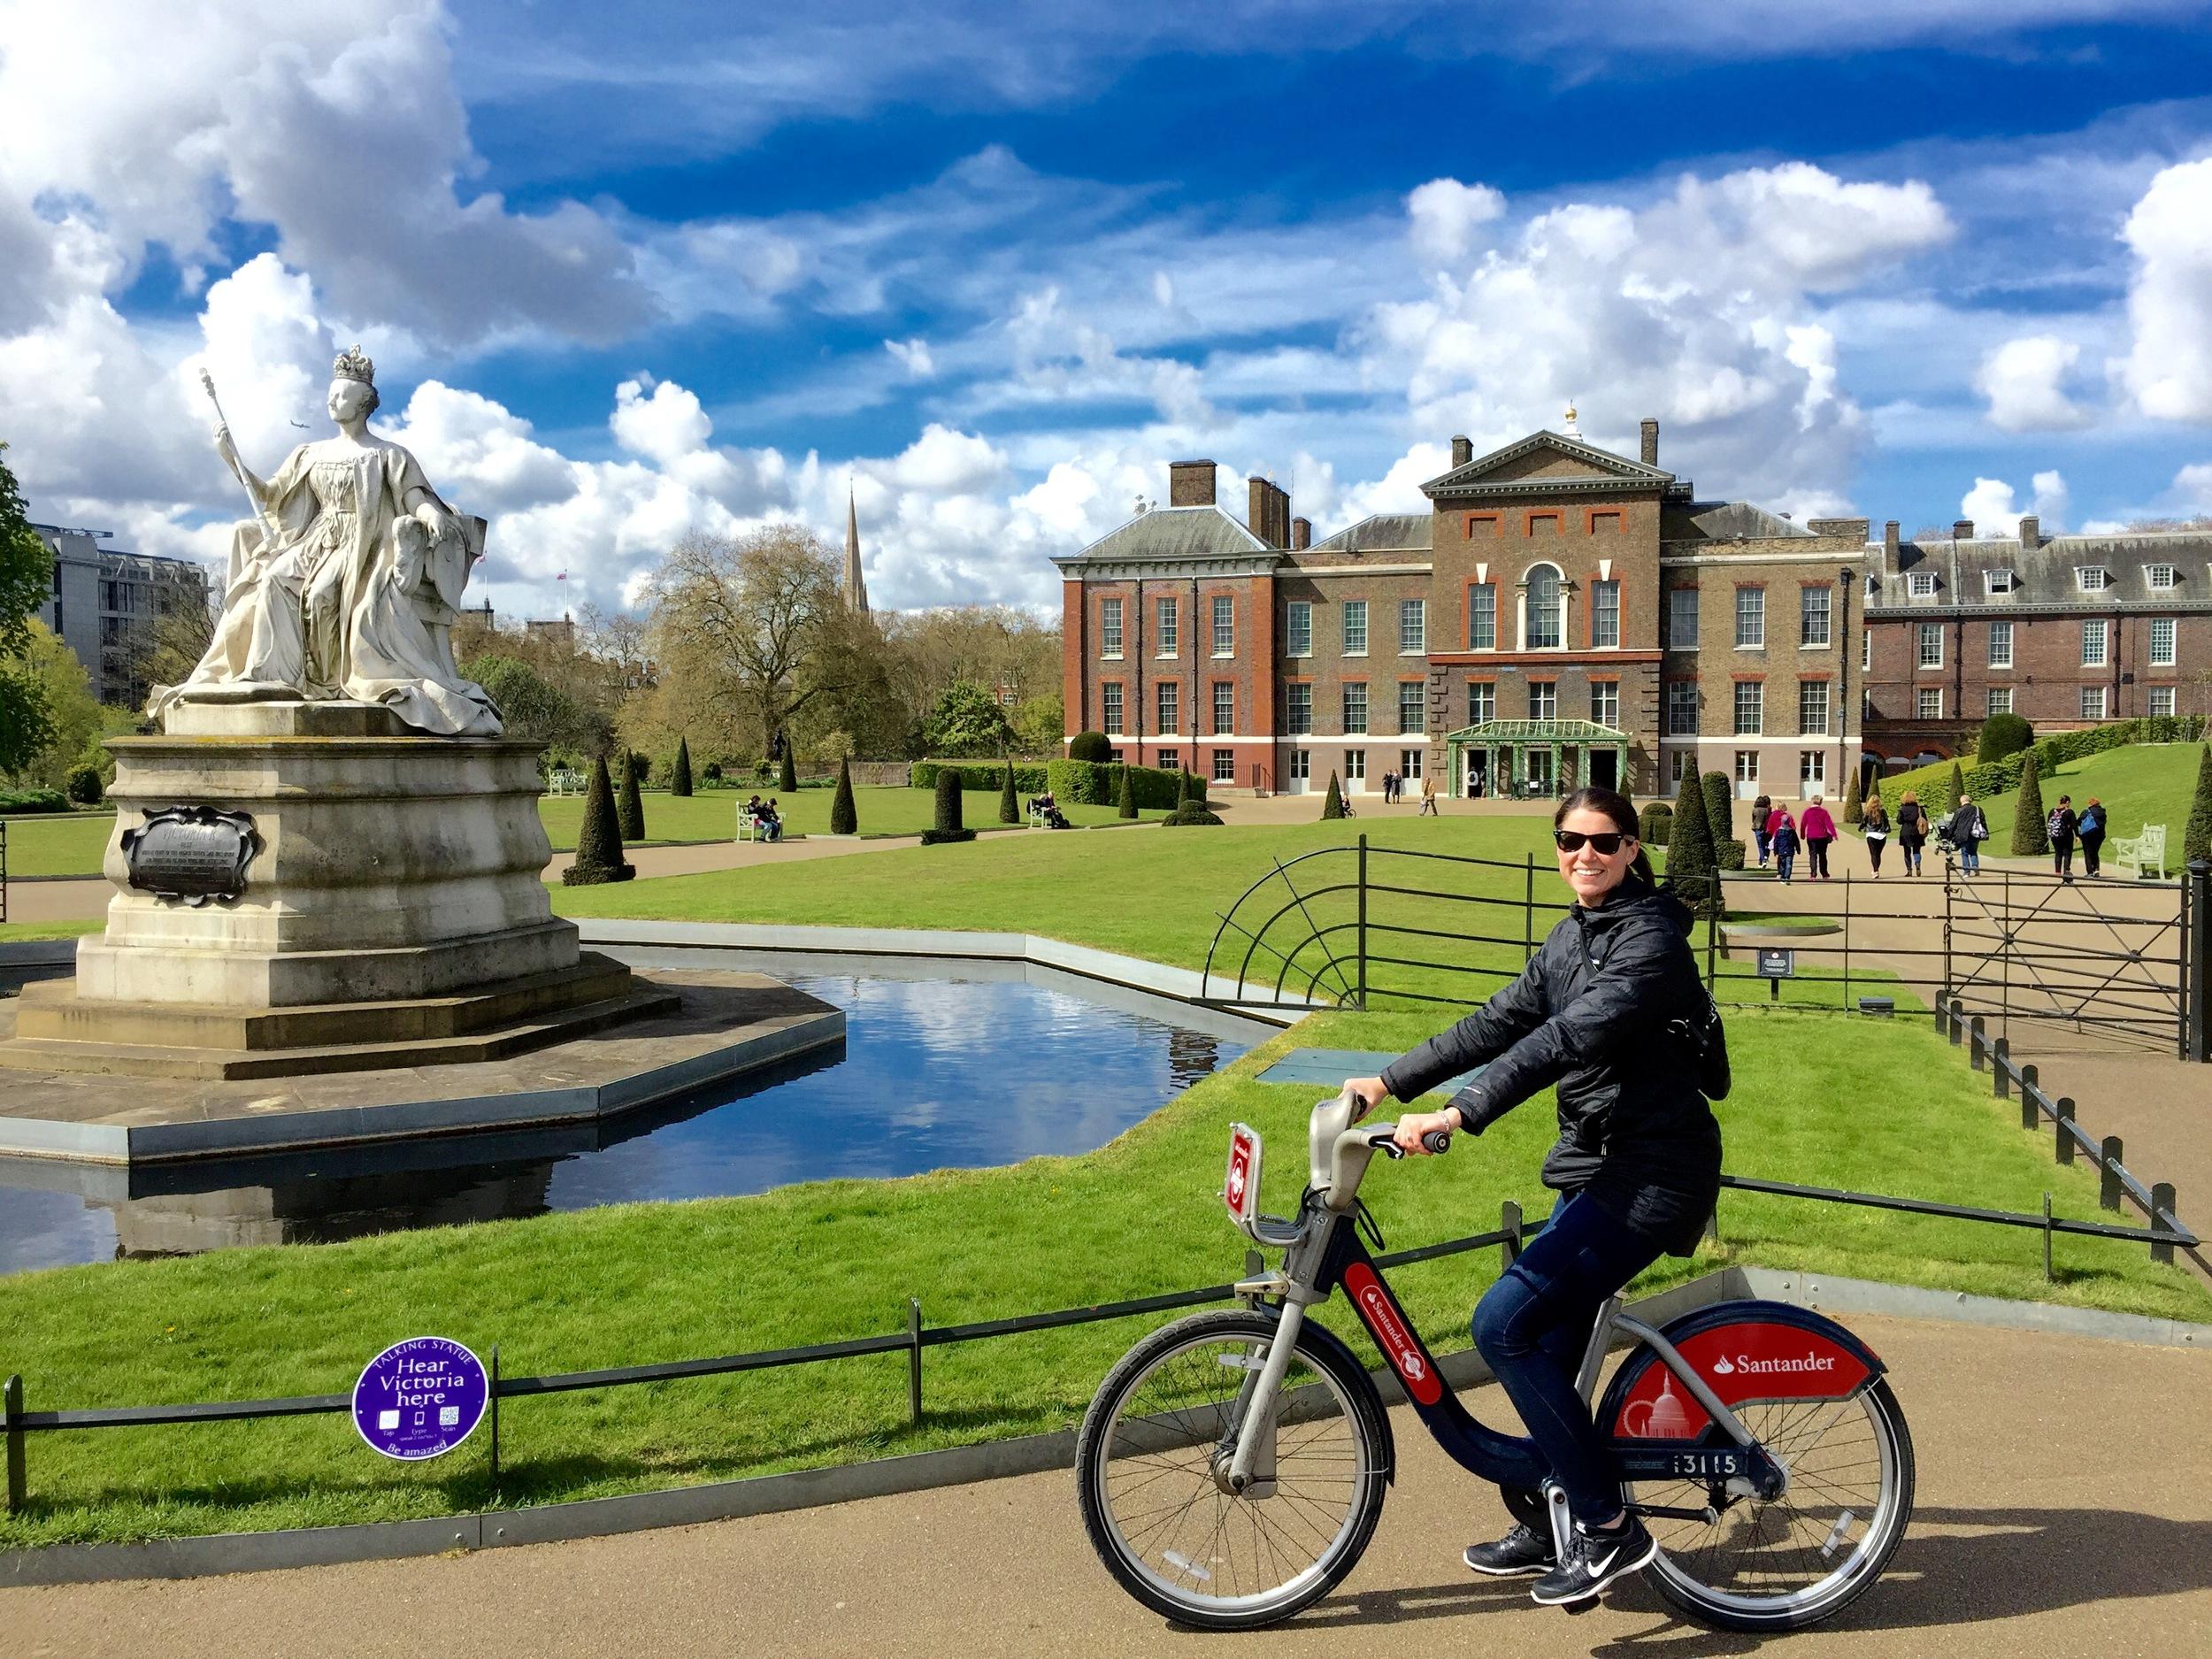 Dale Earnhardt Jr. outside Kensington Palace in London, England.